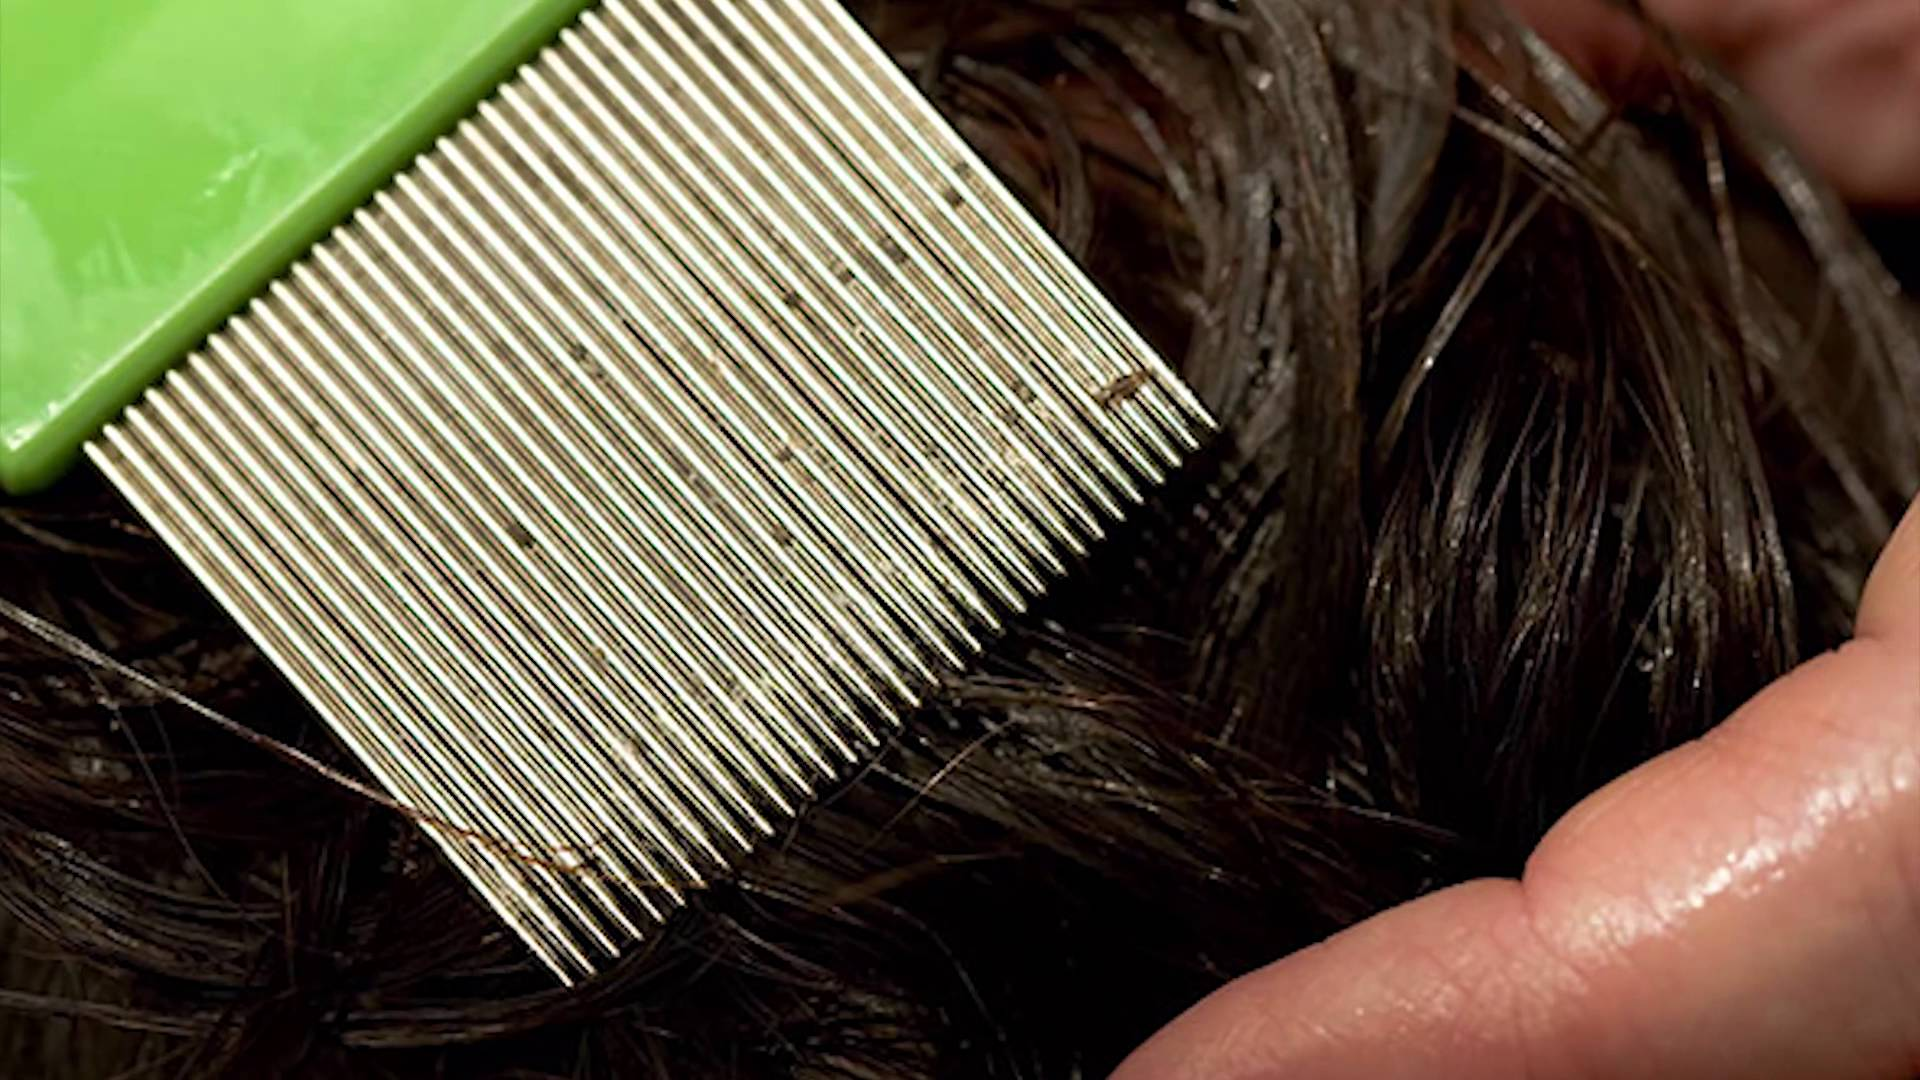 Живут ли вши на окрашенных волосах: убивает ли их краска?